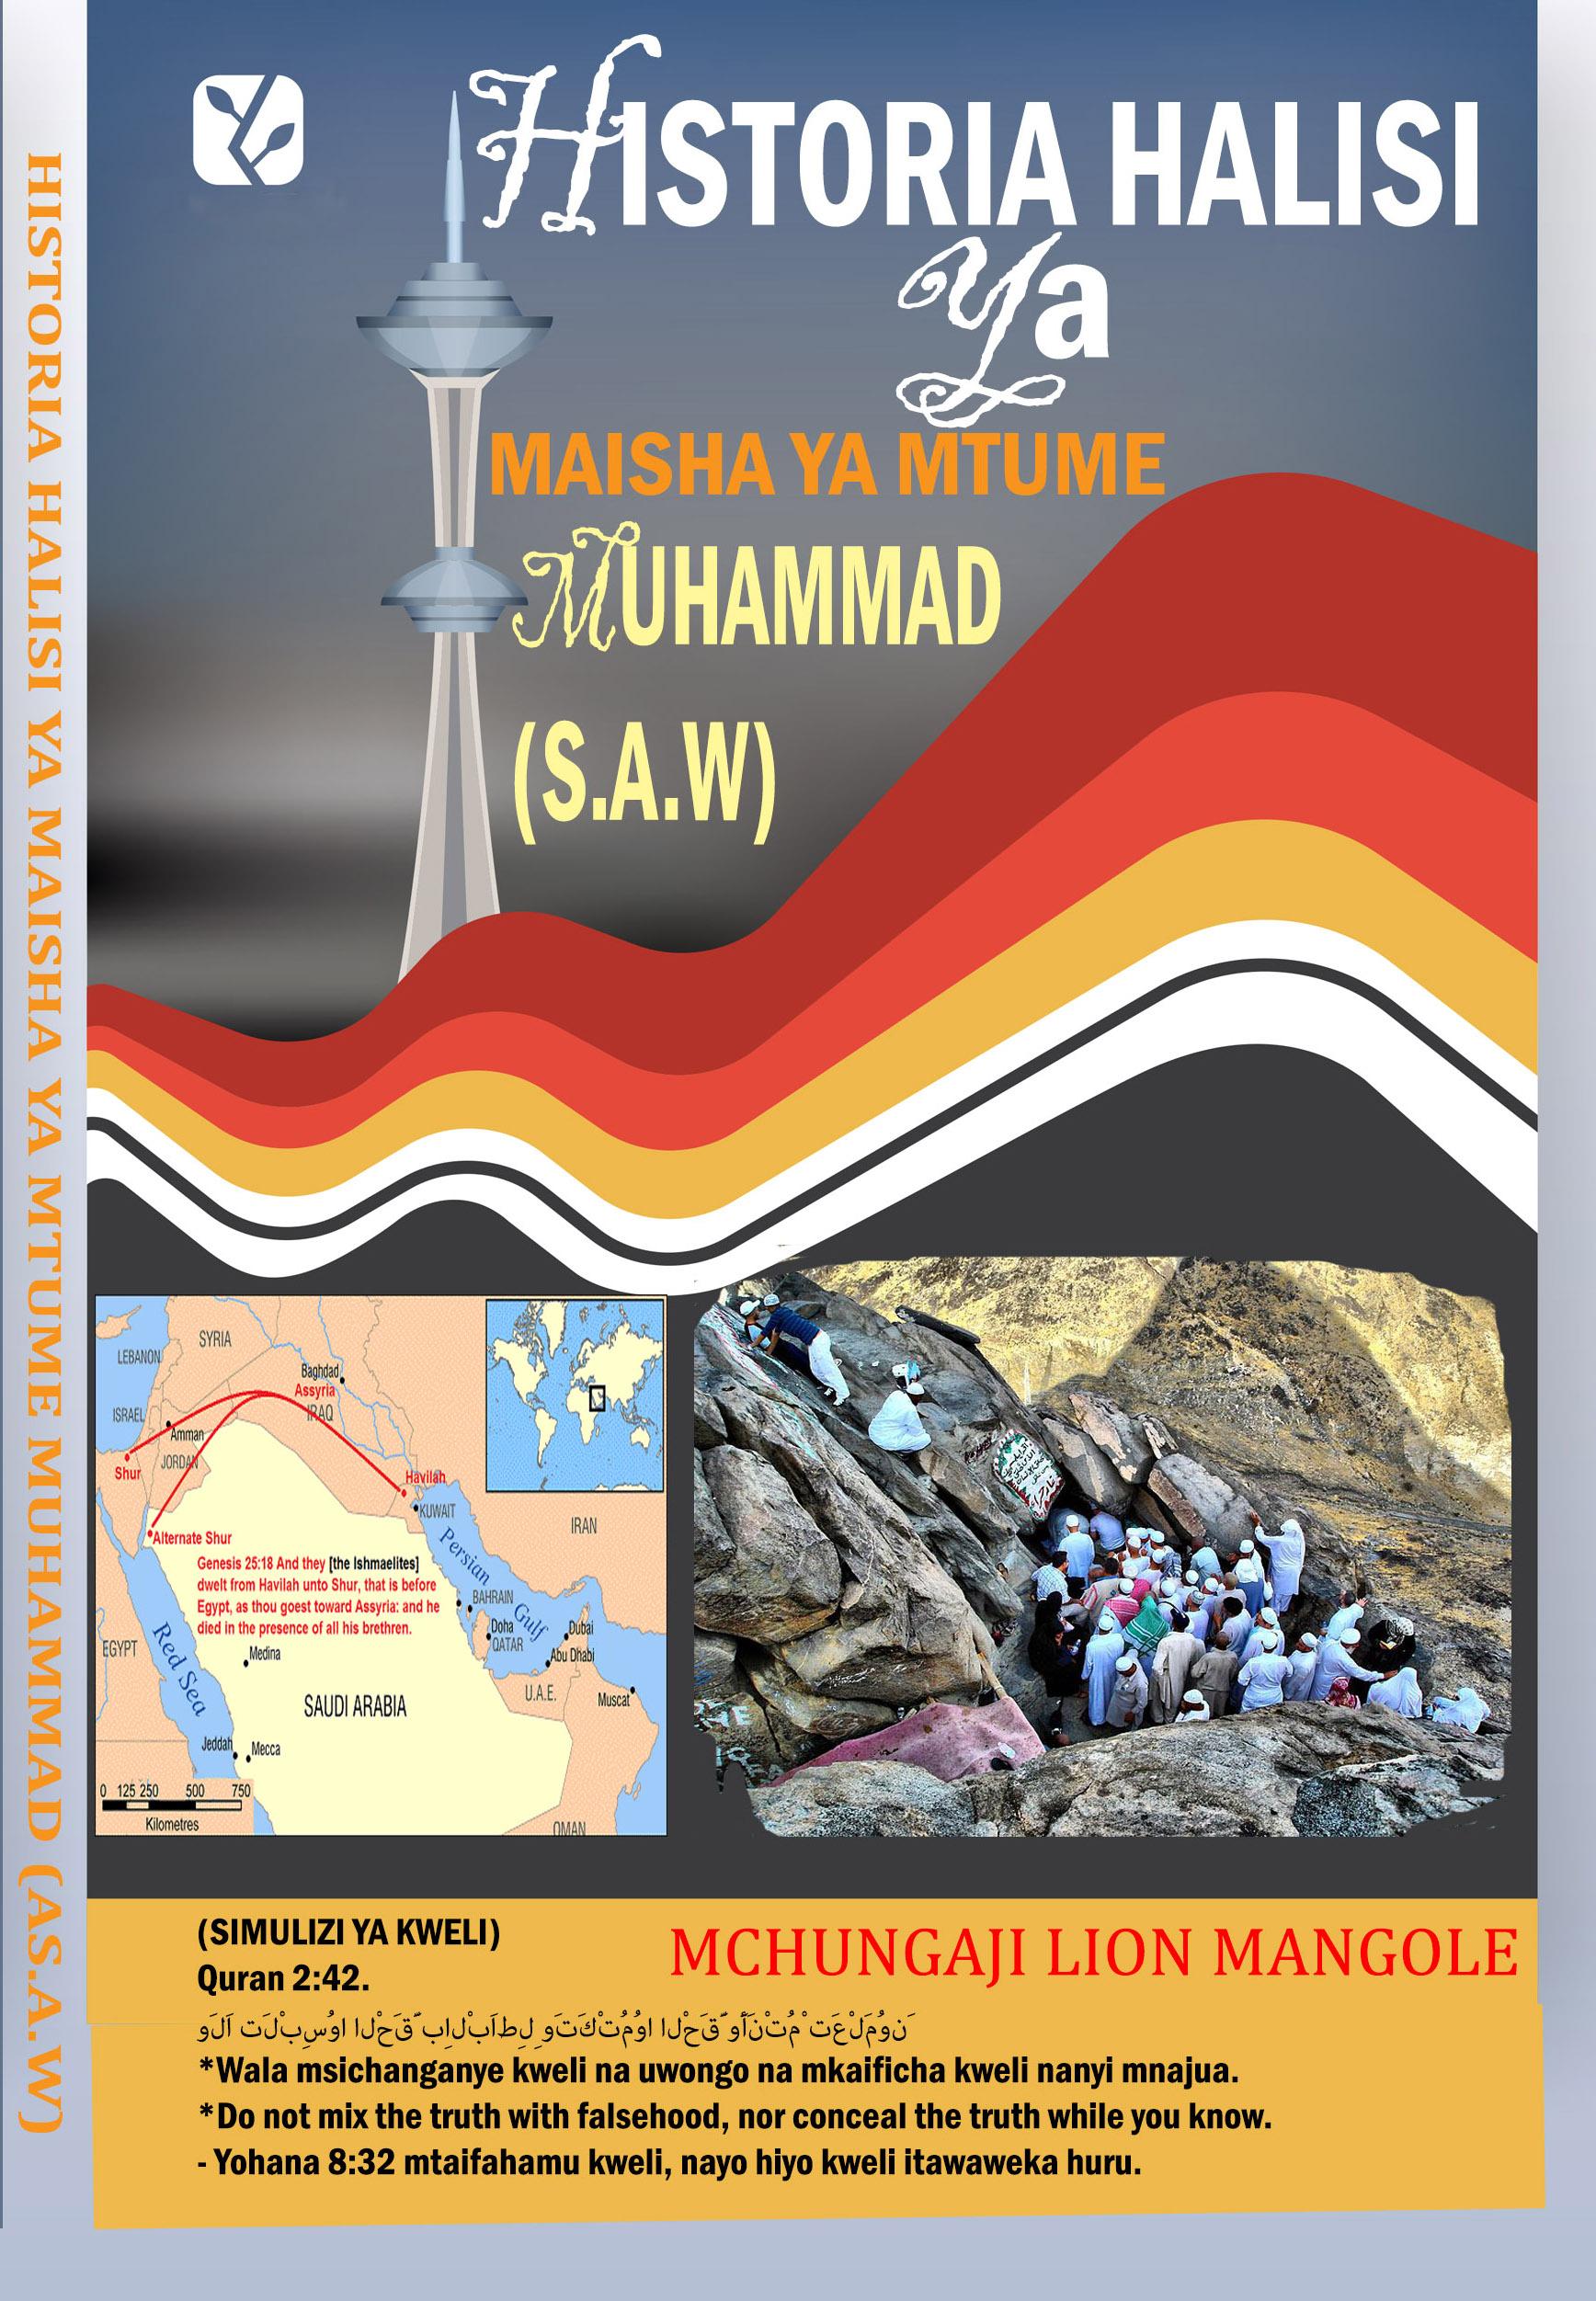 HISTORIA HALISI YA MTUME MUHAMMAD S.A.W